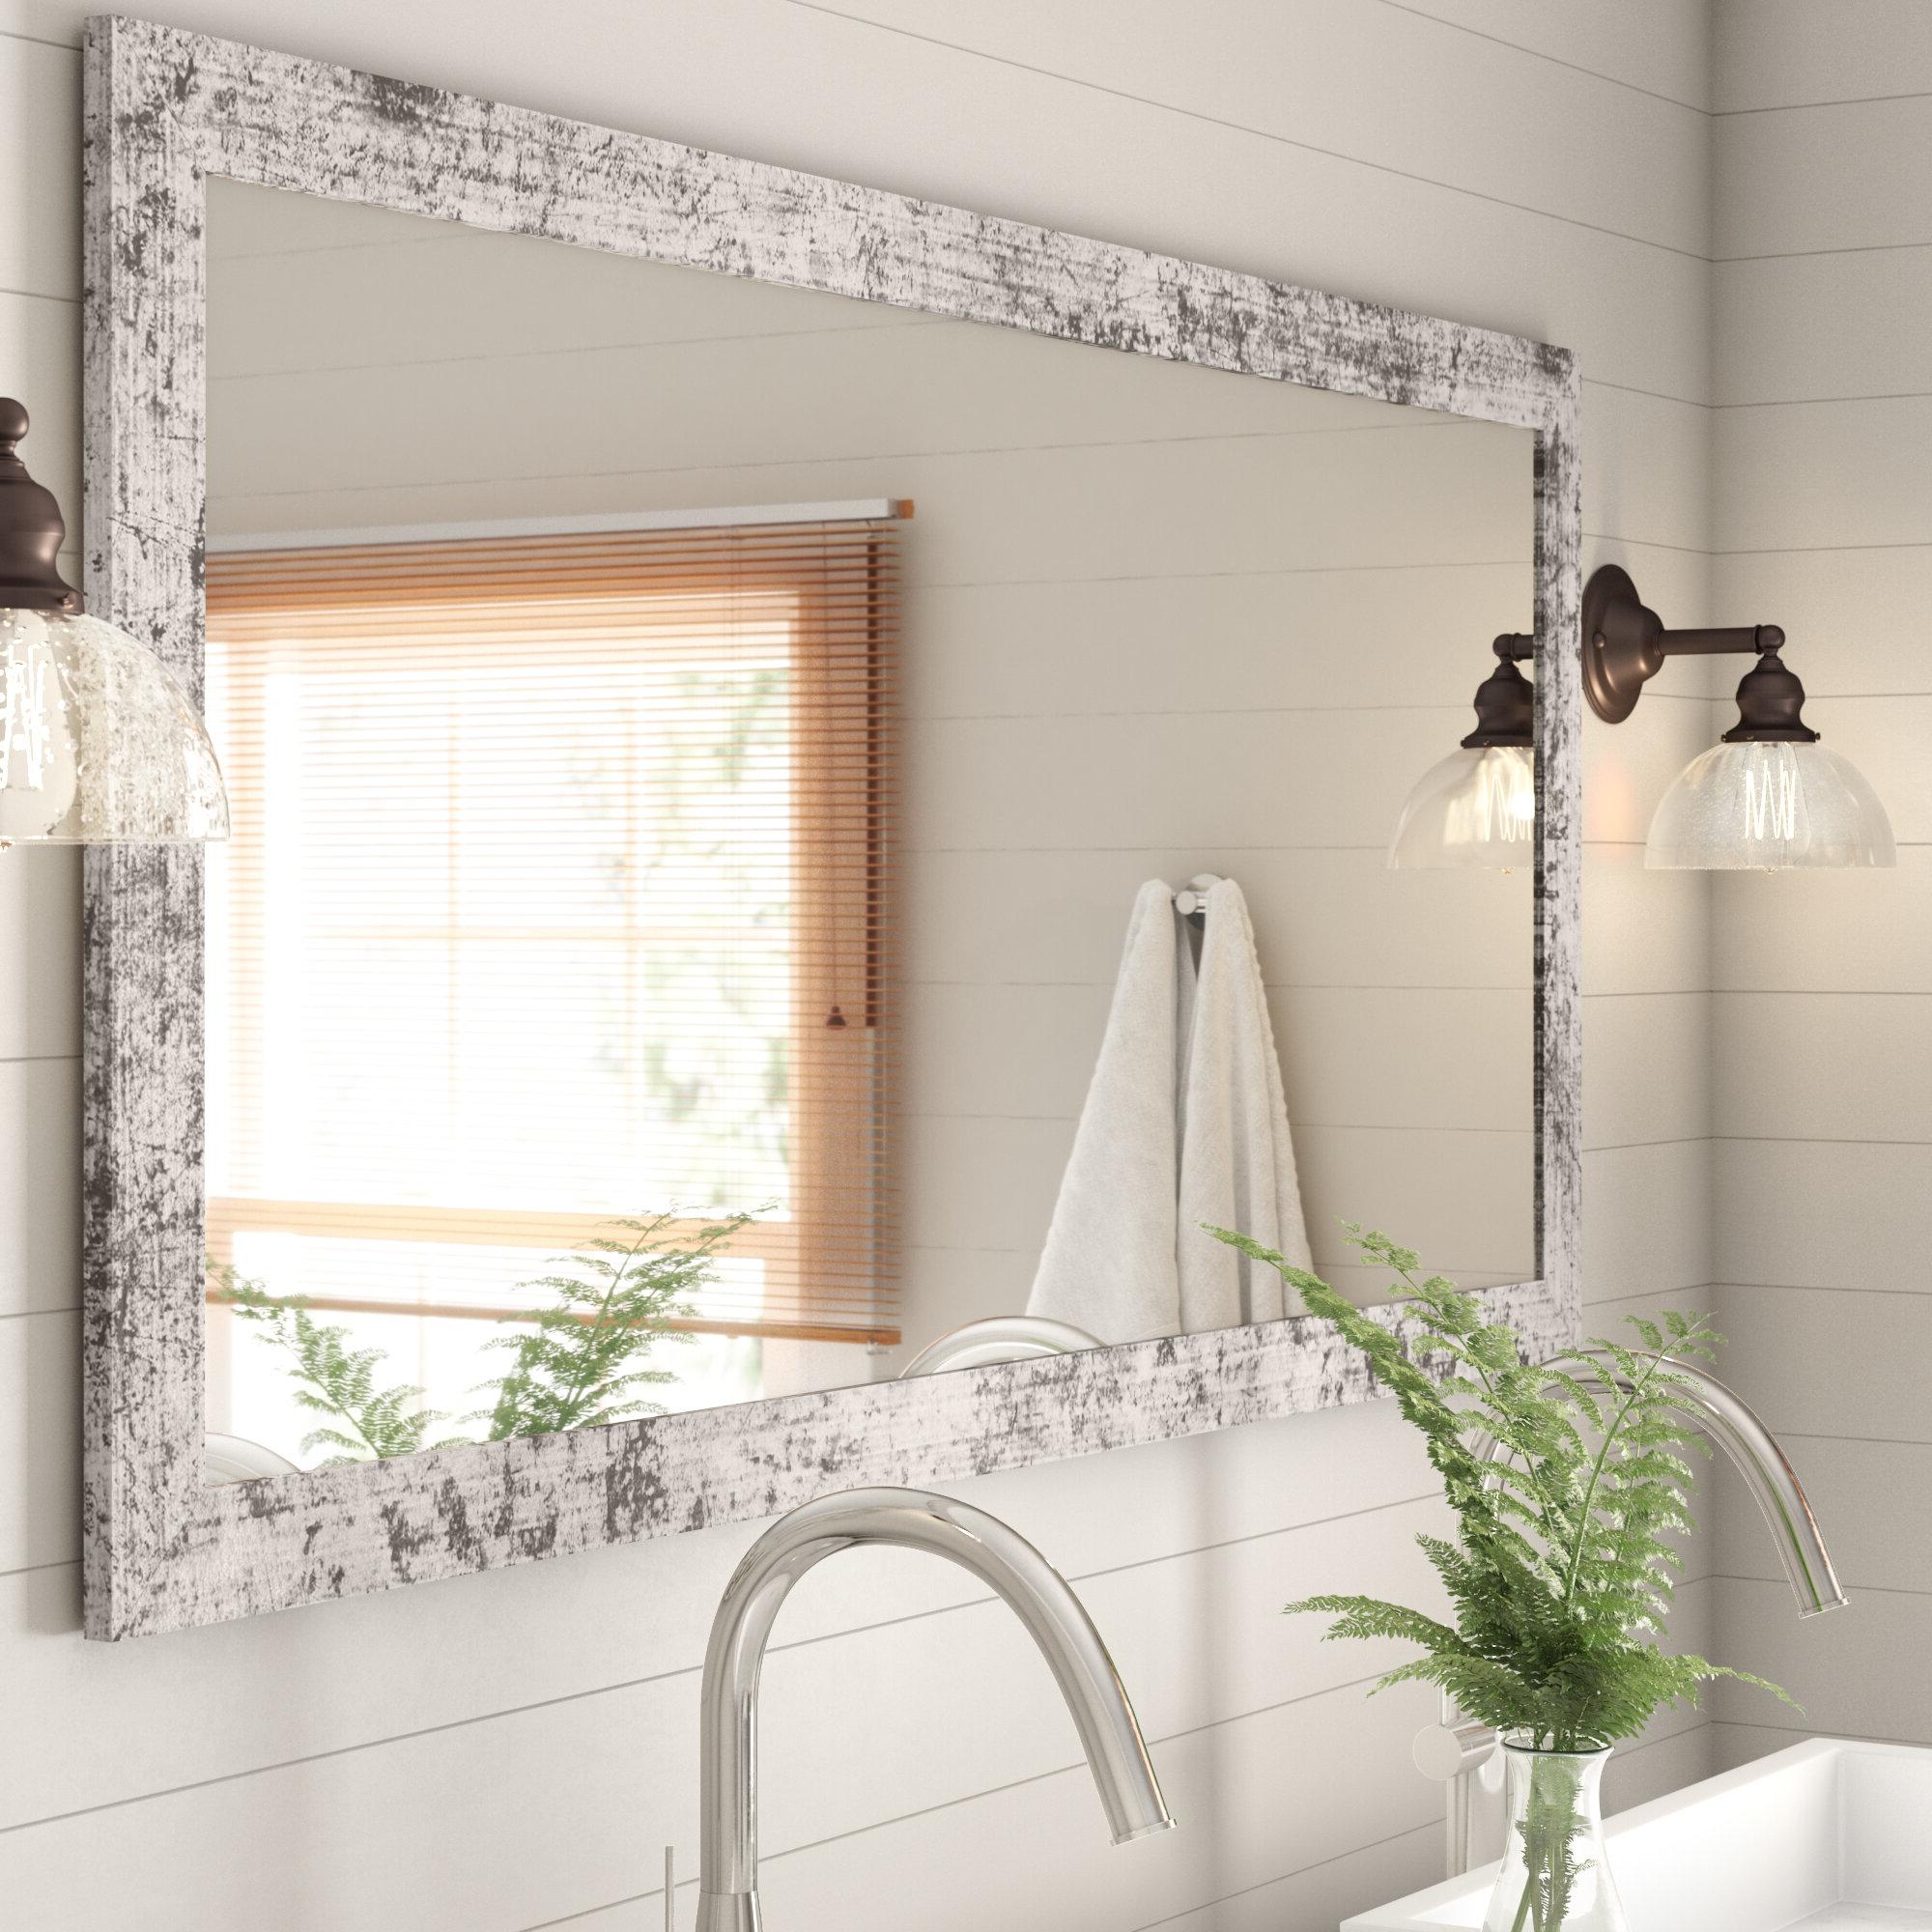 Landover Rustic Distressed Bathroom/vanity Mirrors With Popular Distressed Bathroom Vanity Mirror – Home Decor Photos Gallery (View 8 of 20)